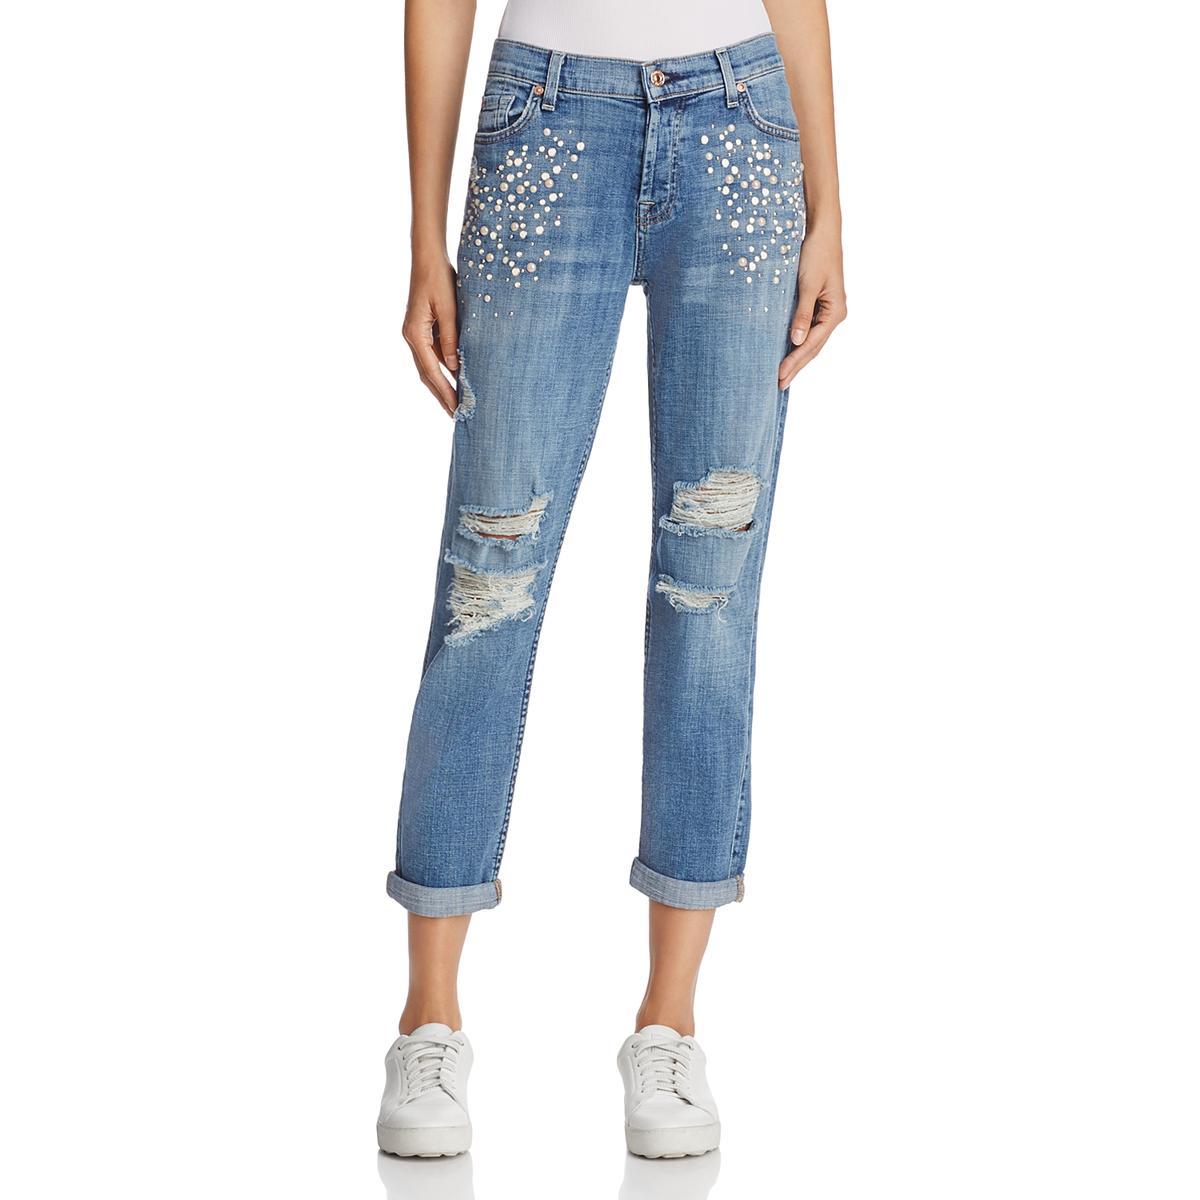 7 For All Mankind Womens Josefina bluee Beaded Boyfriend Jeans 29 BHFO 1354